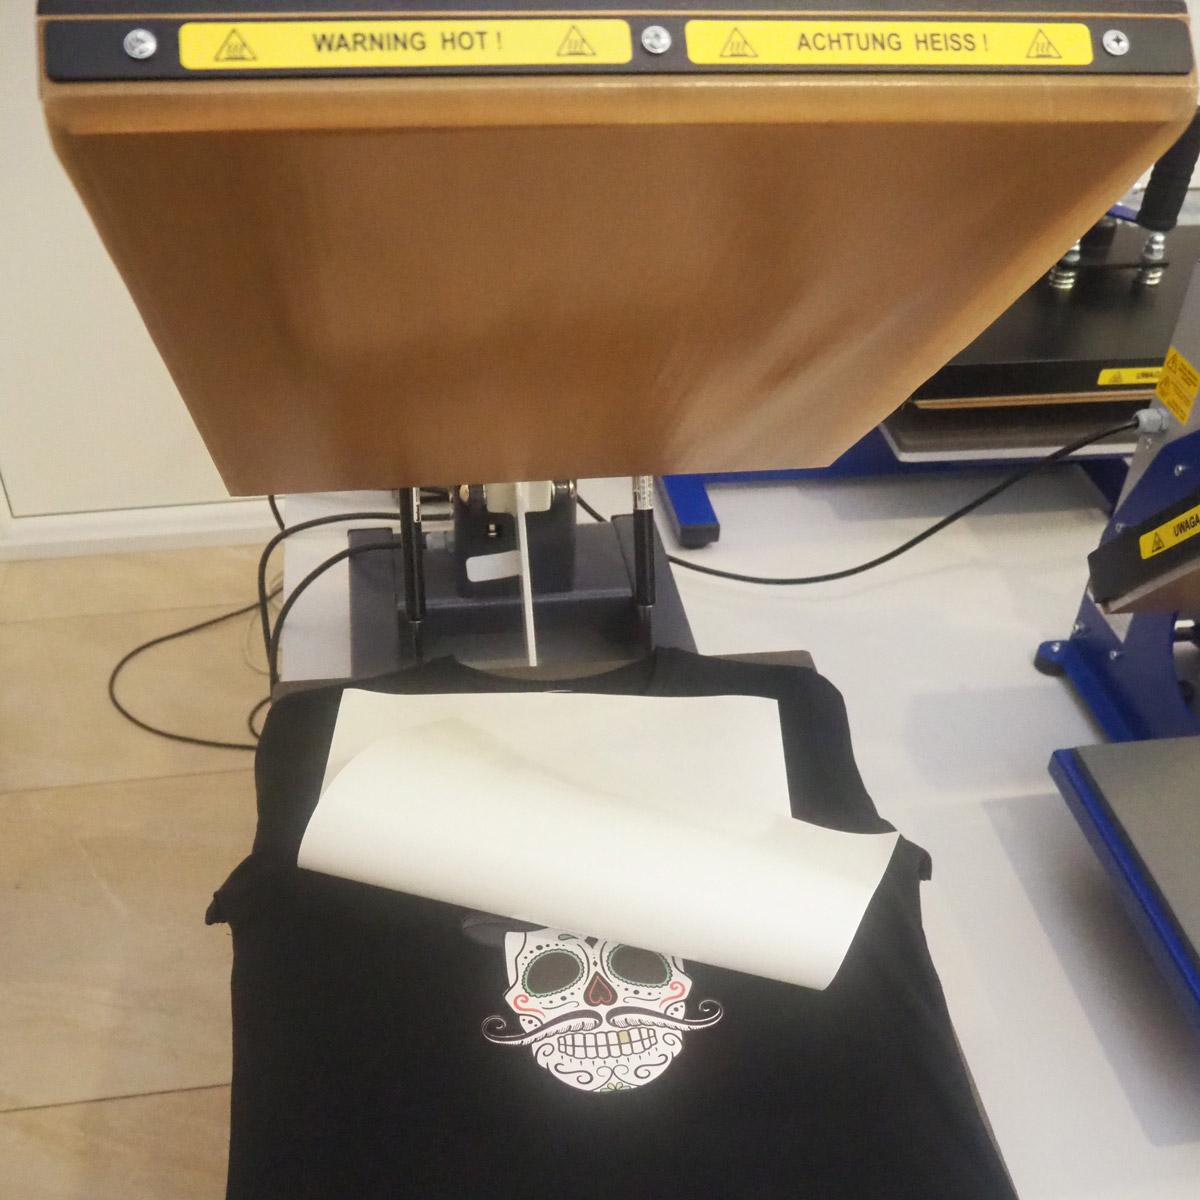 Papier pomocniczy do nadruków (silikonowany) - Antistick